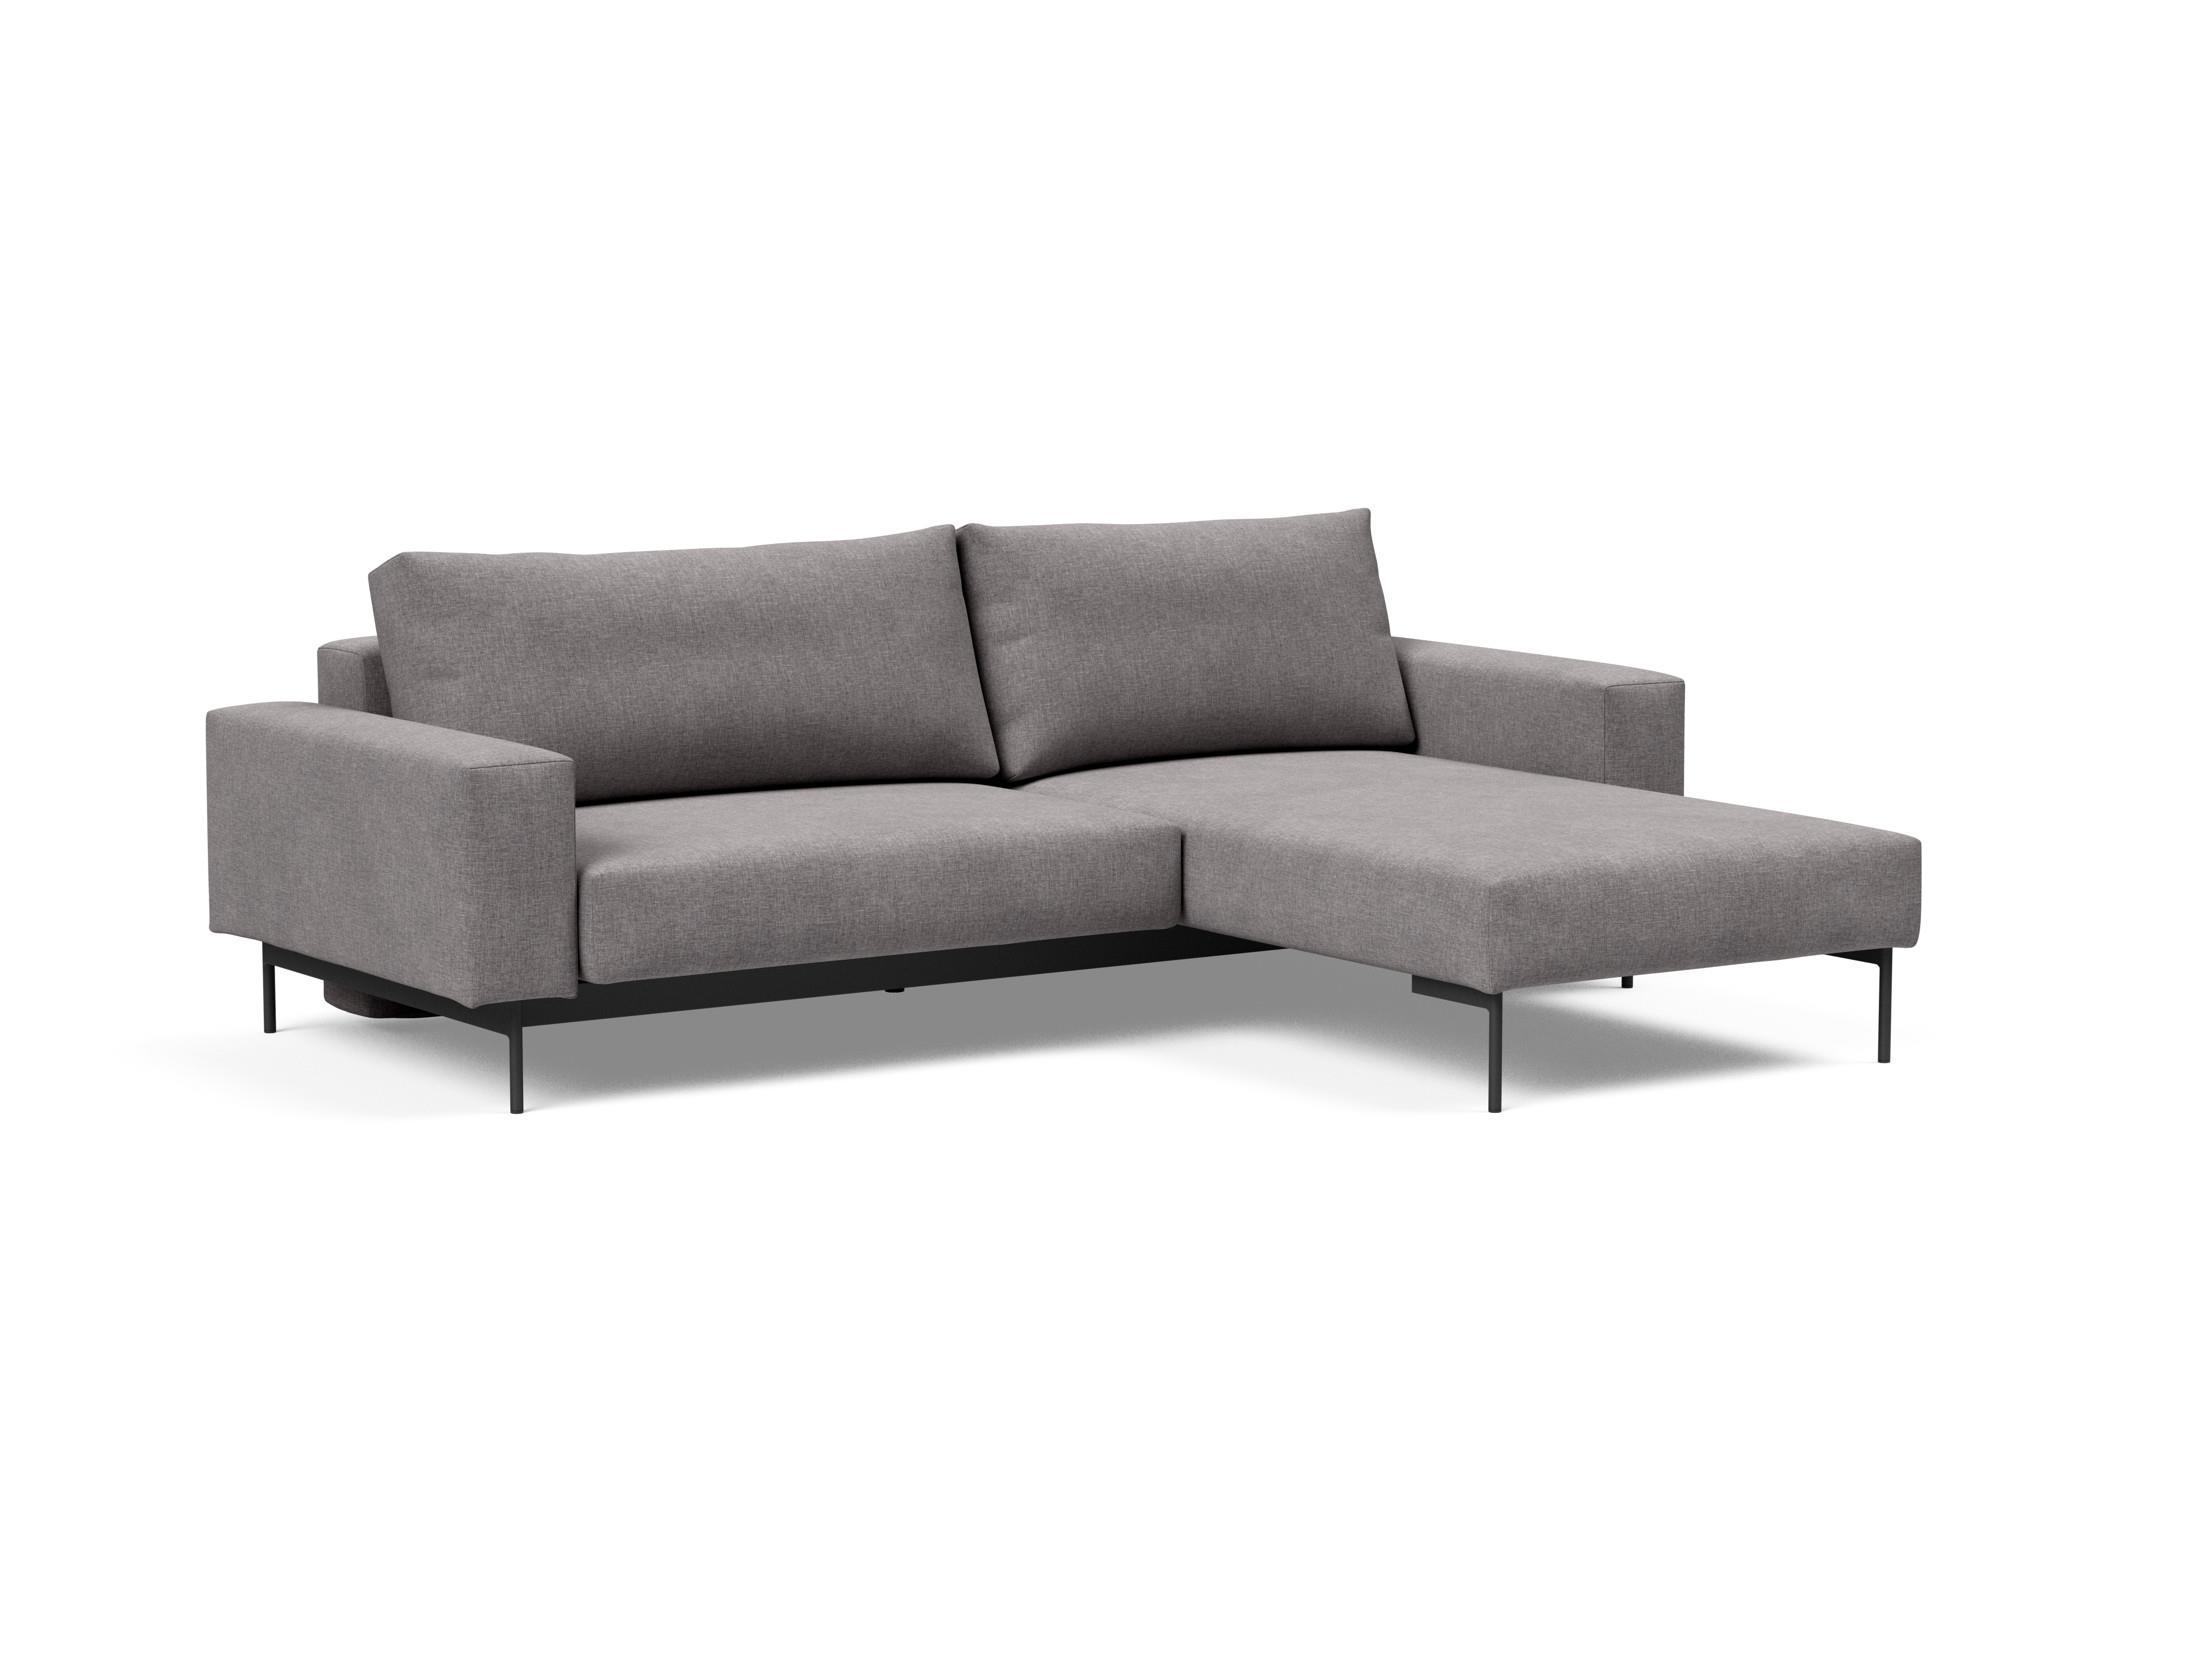 media/image/Bragi-Sofa-Bed-217-p2-webSkPGDRFPkpwem.jpg